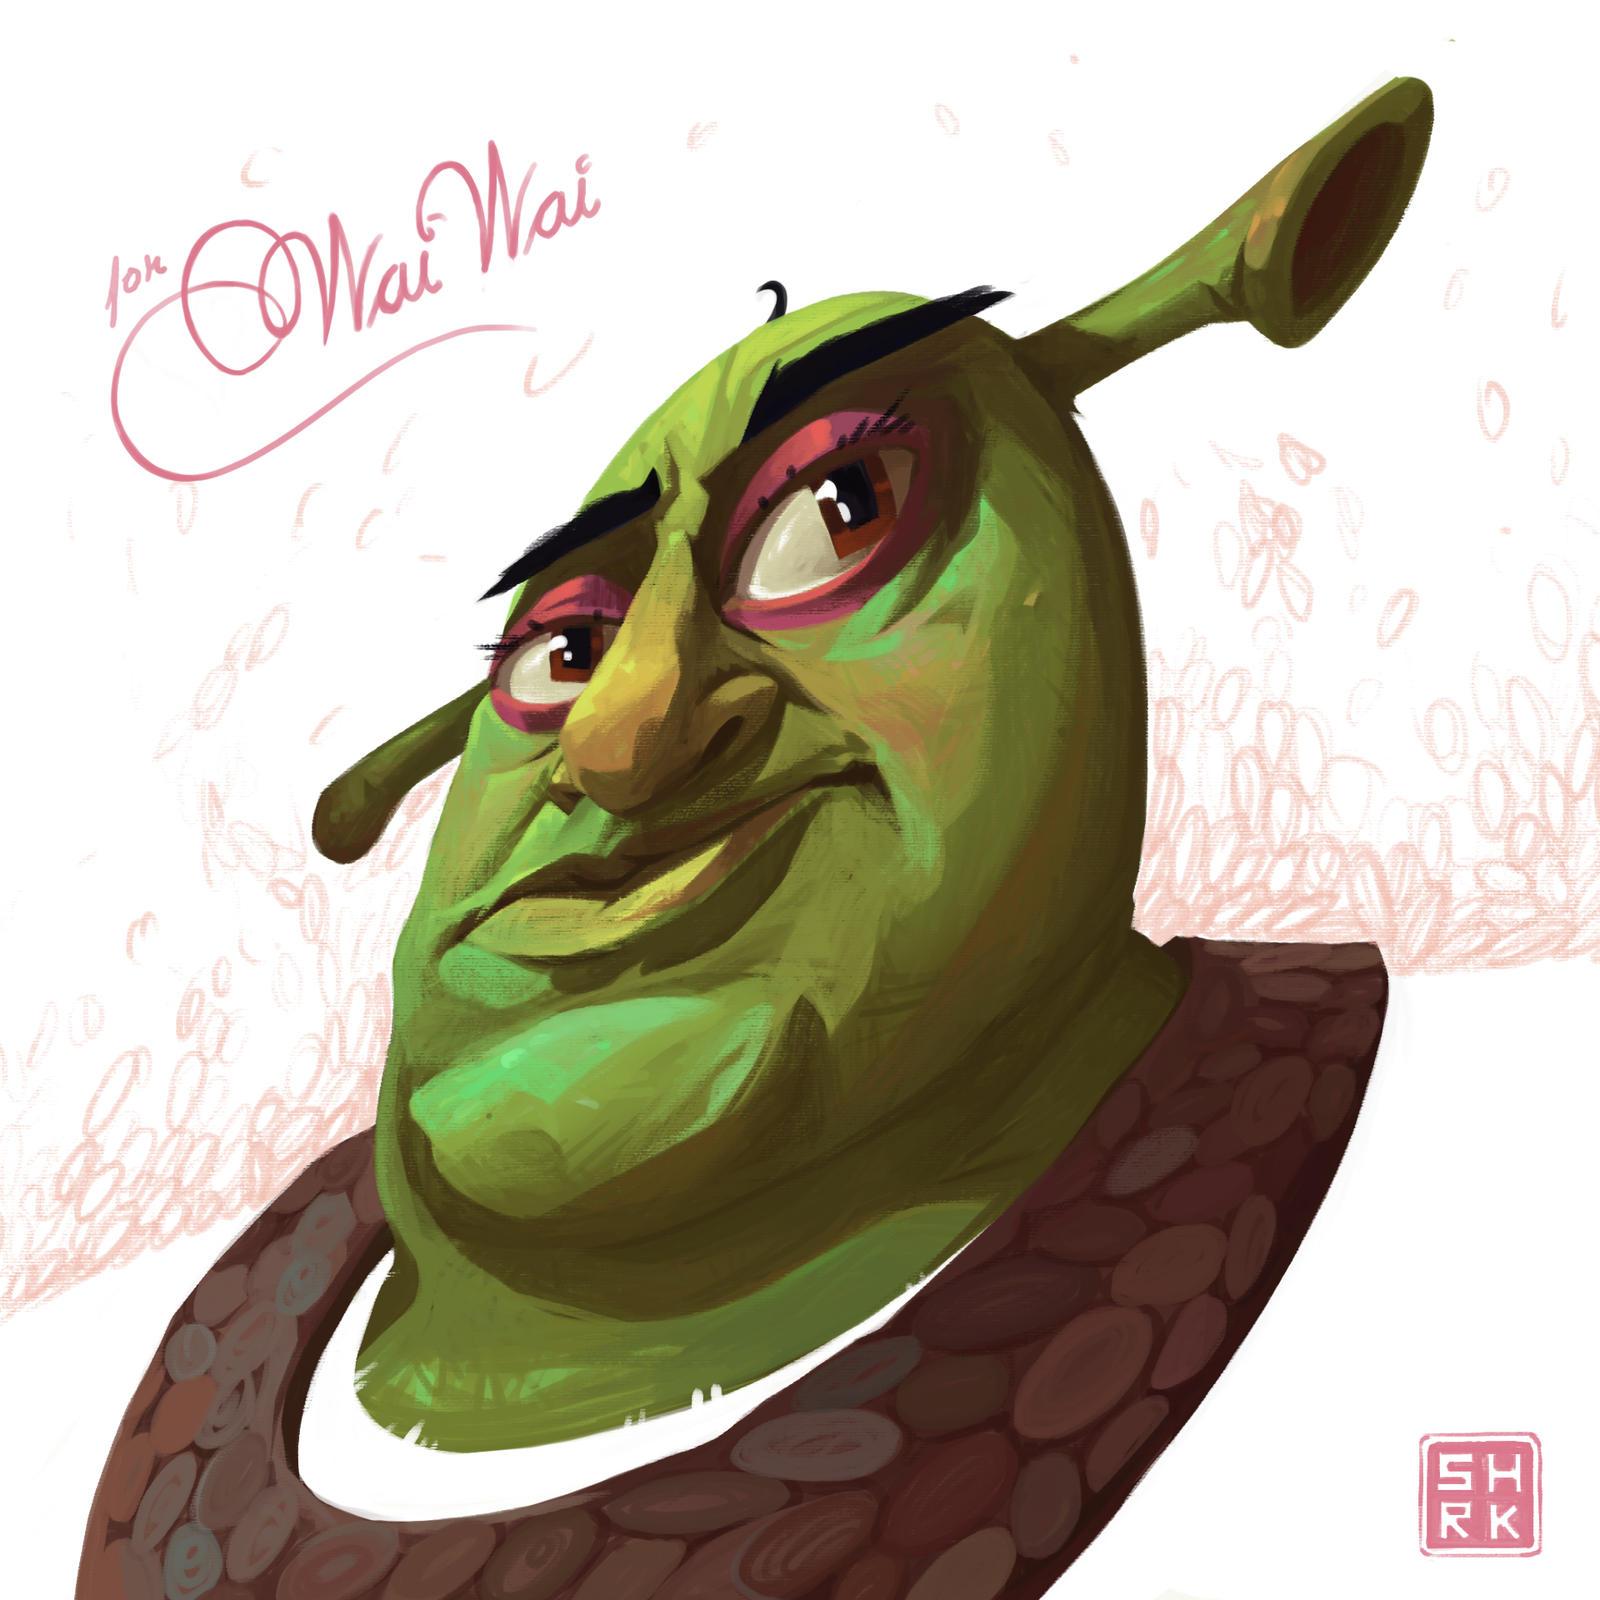 Shrek By Finnbarrmartin On Deviantart